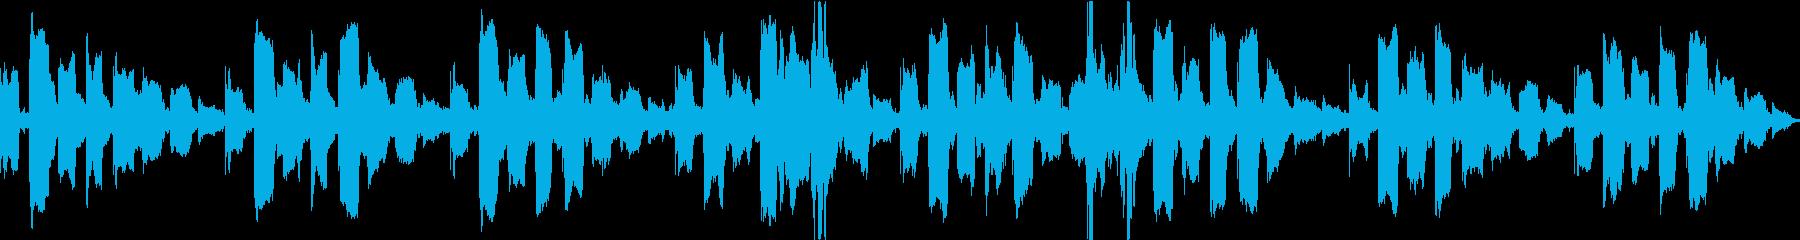 不安定なリコーダーと子供の笑い声のループの再生済みの波形